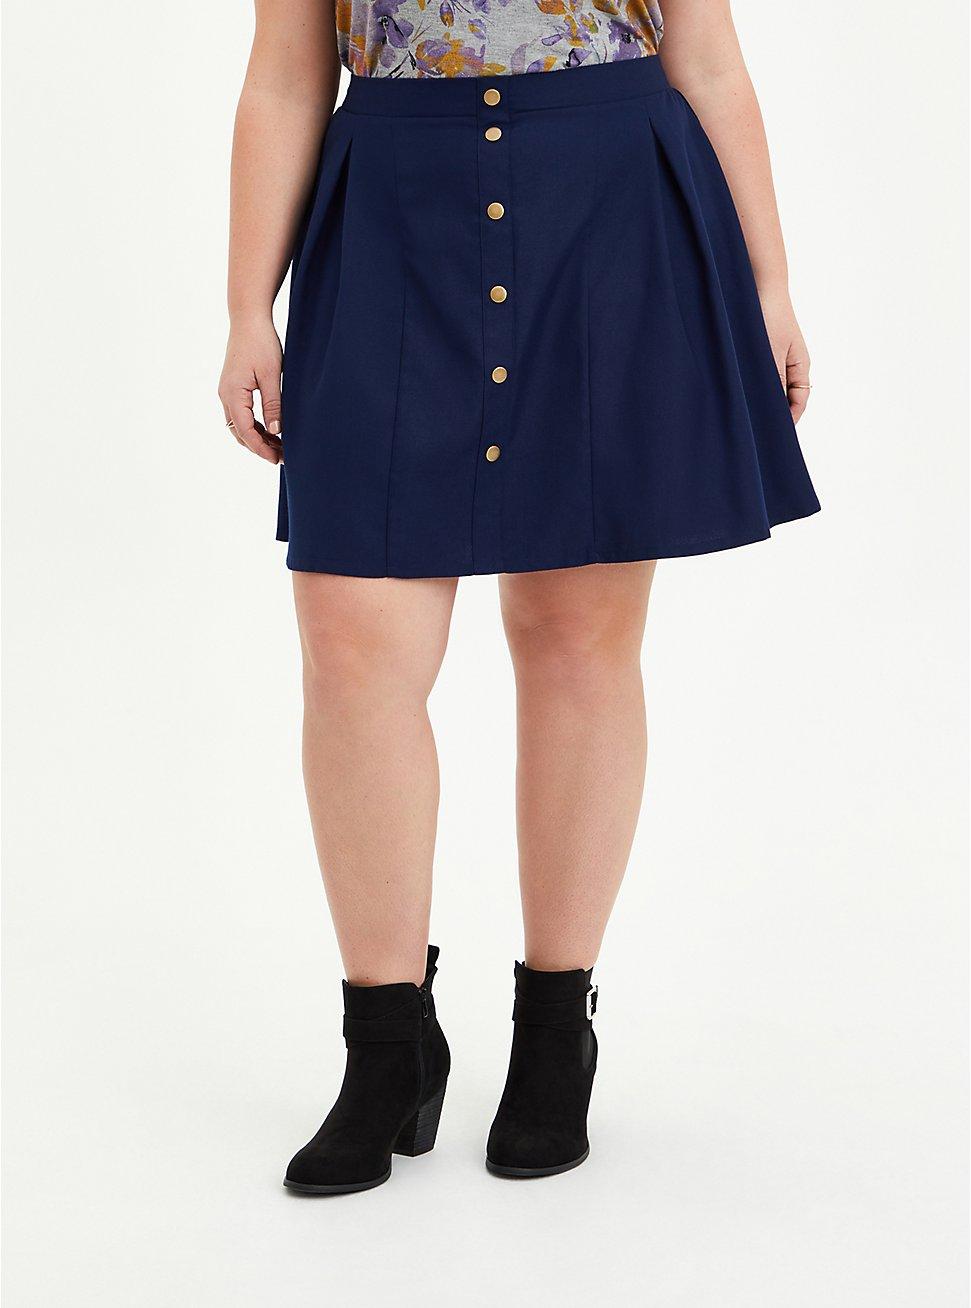 Skater Skirt - Twill Navy, PEACOAT, hi-res